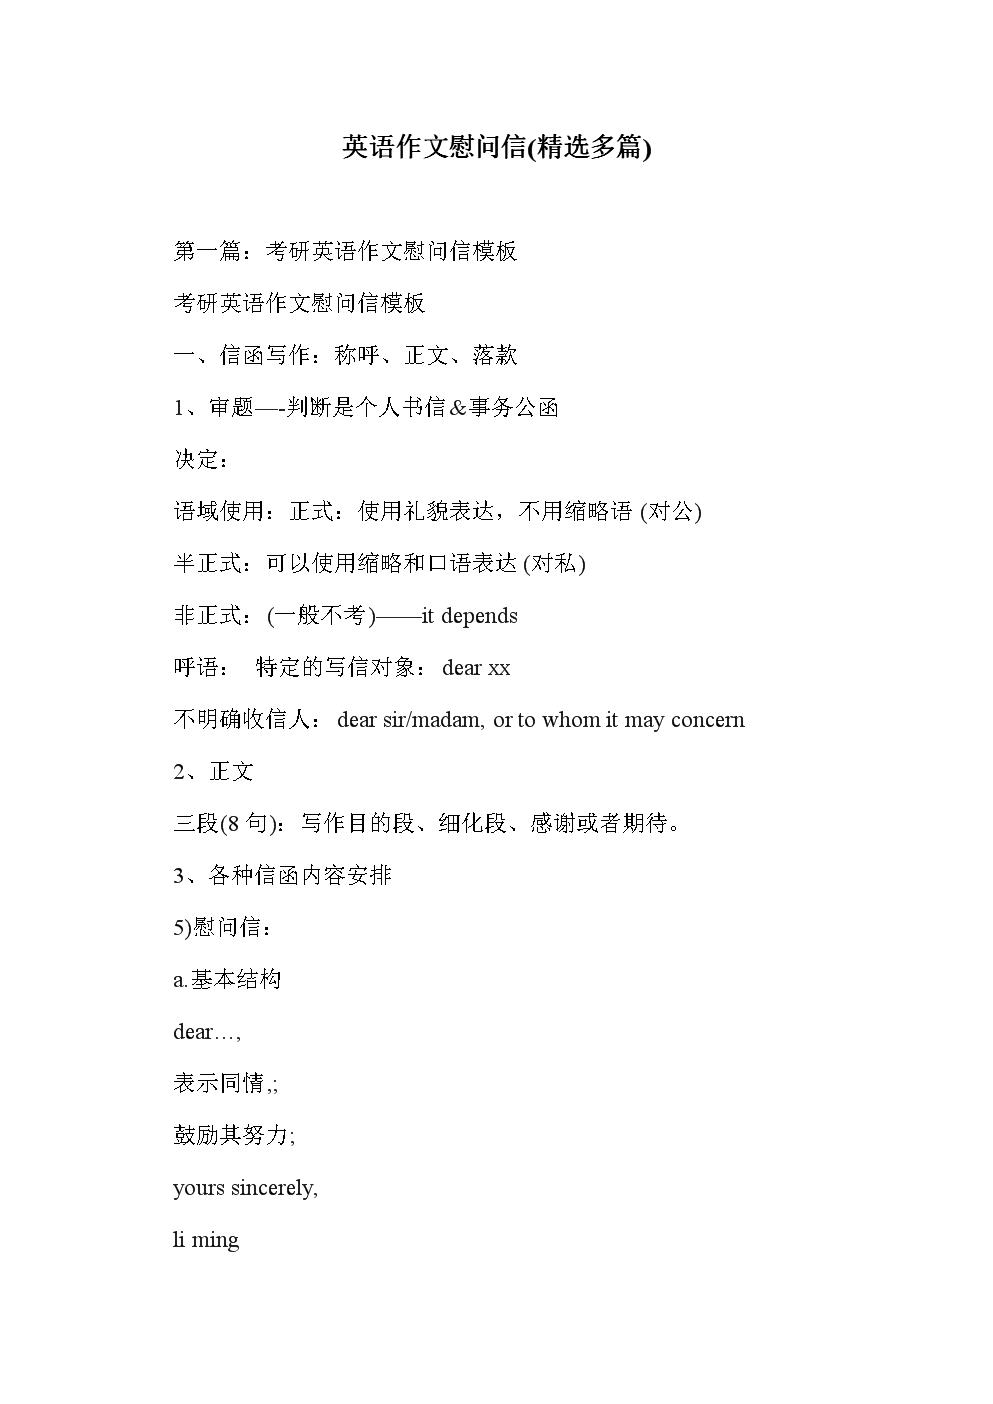 英语作文慰问信精选多篇).doc